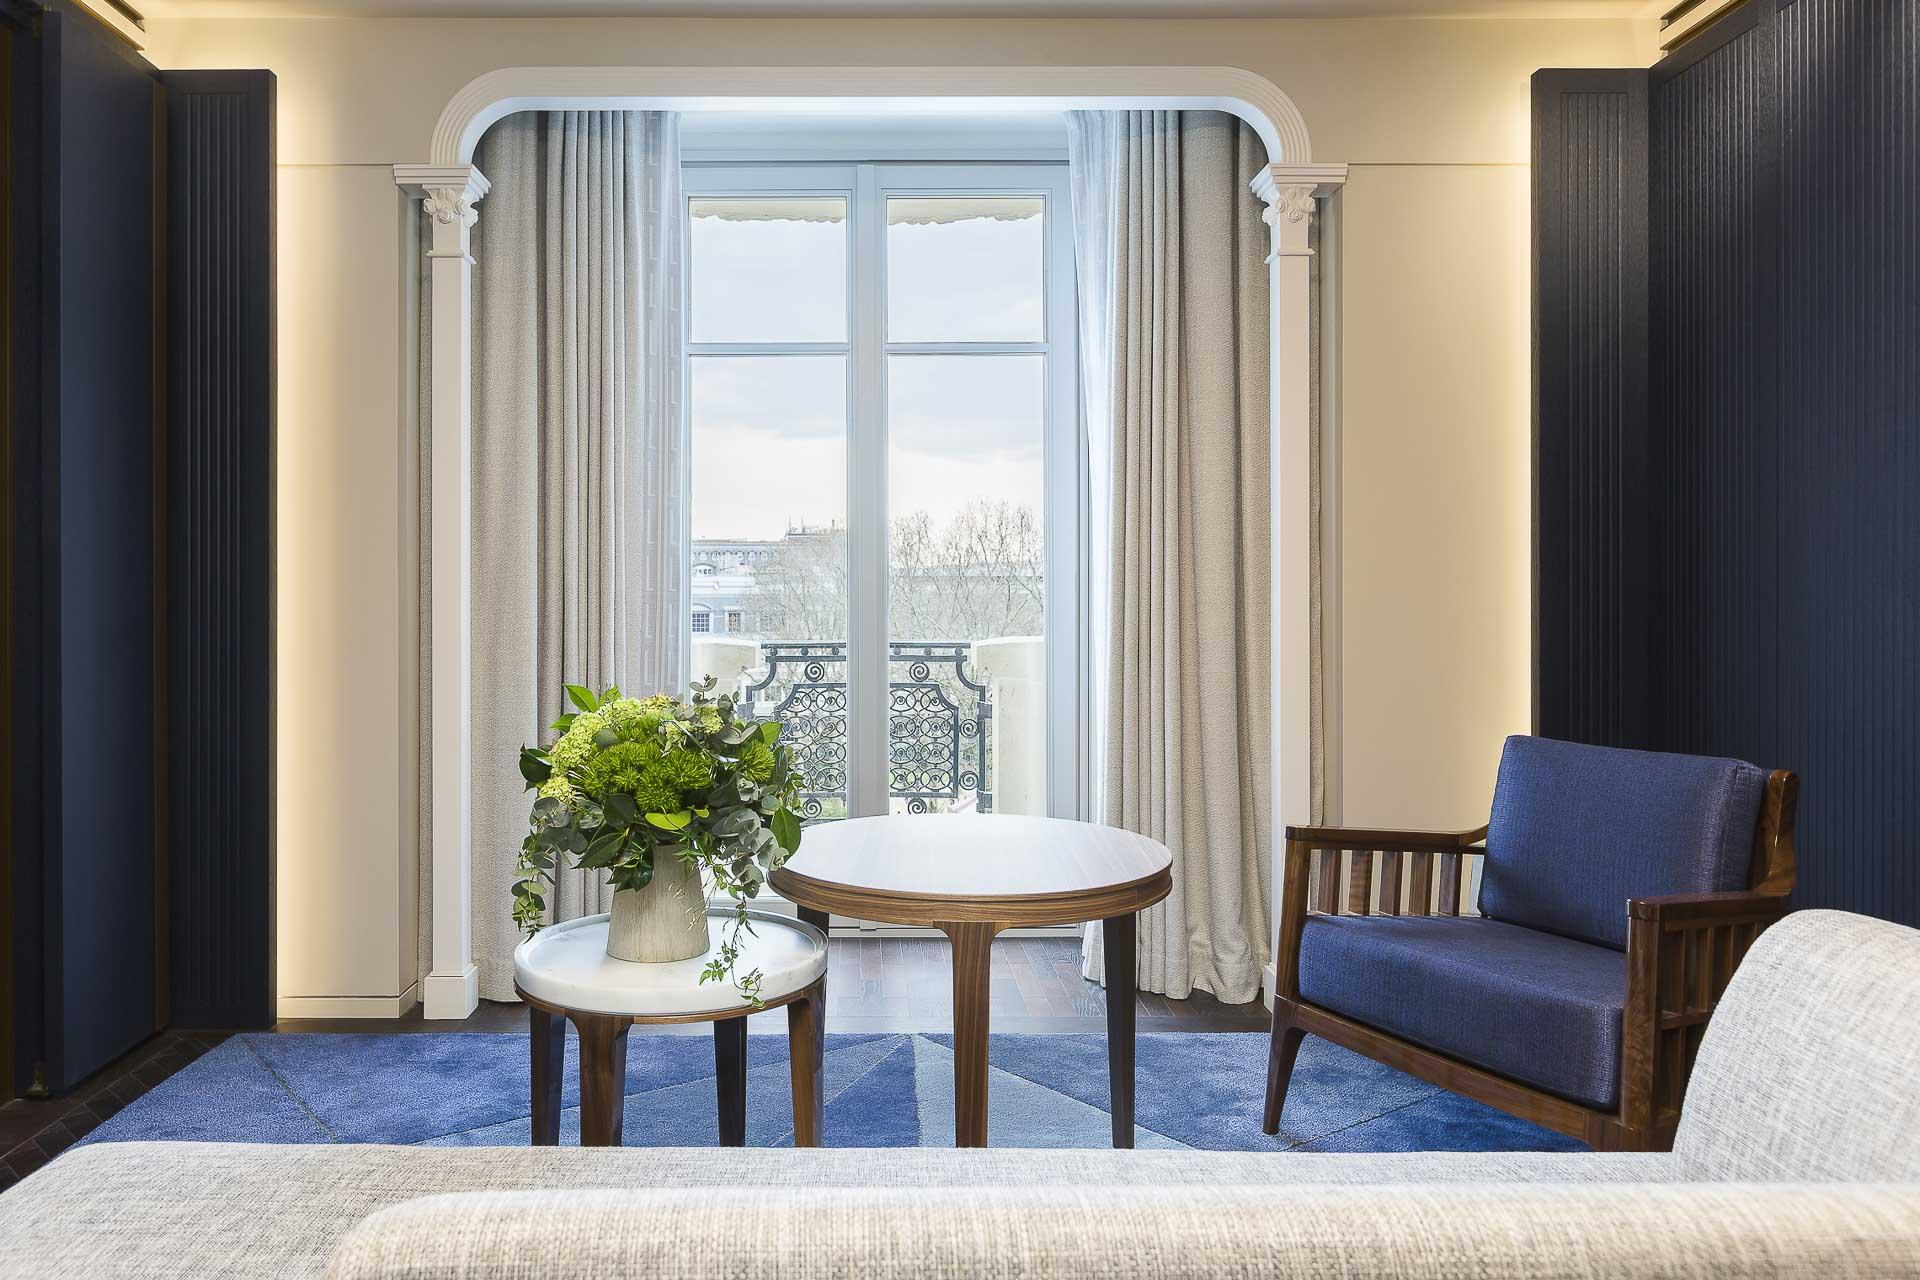 Un an après le Crillon et deux ans après le Ritz, c'est au tour du Lutetia de faire peau neuve. Direction la Rive Gauche pour découvrir les premières images du grand hôtel réimaginé par l'architecte français Jean-Michel Wilmotte.